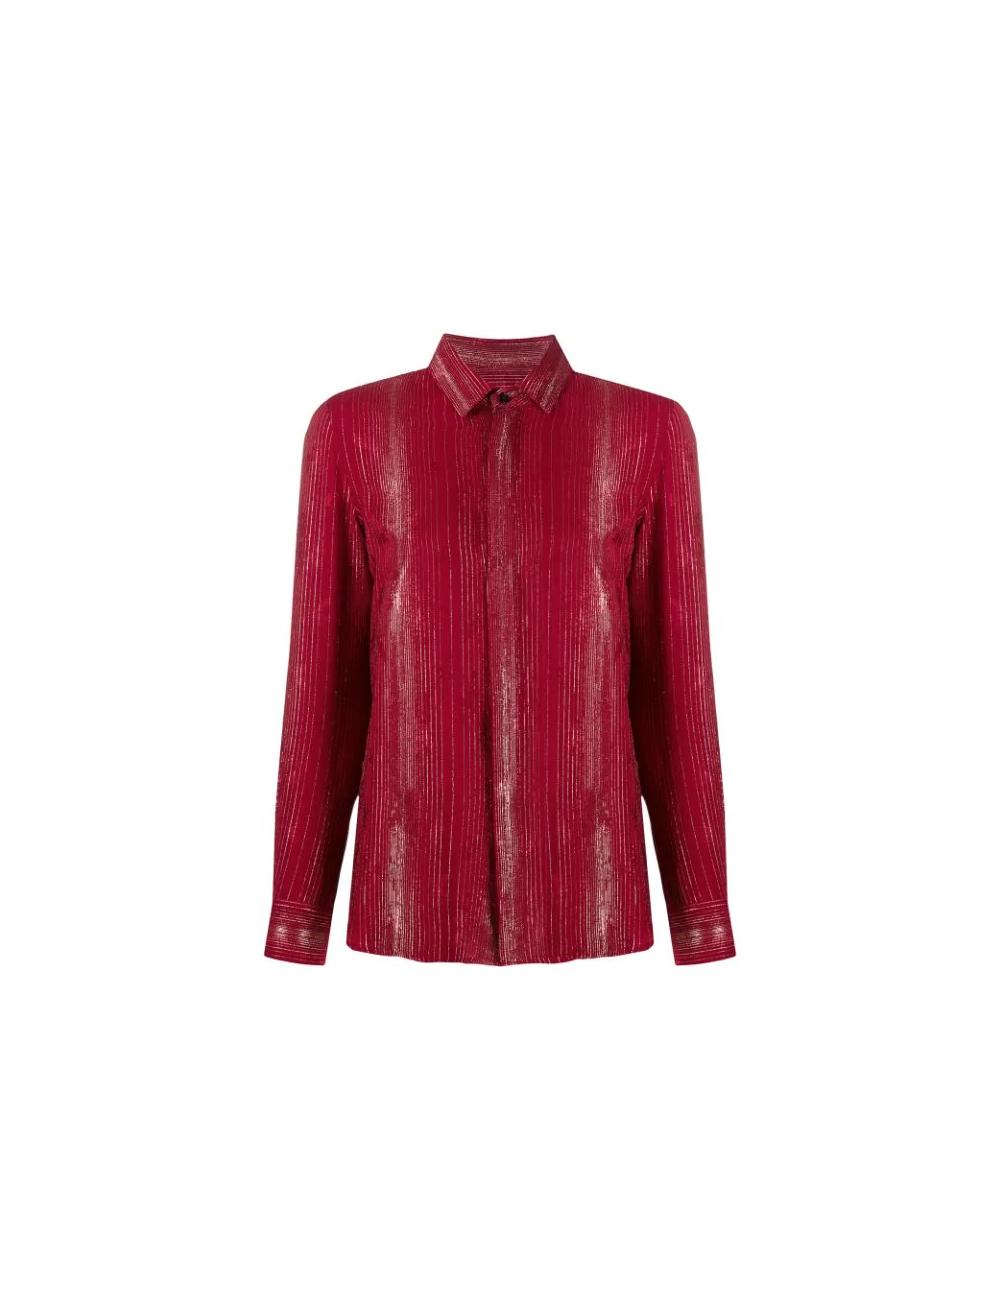 Red silk shirt Saint Laurent - BIG BOSS MEGEVE